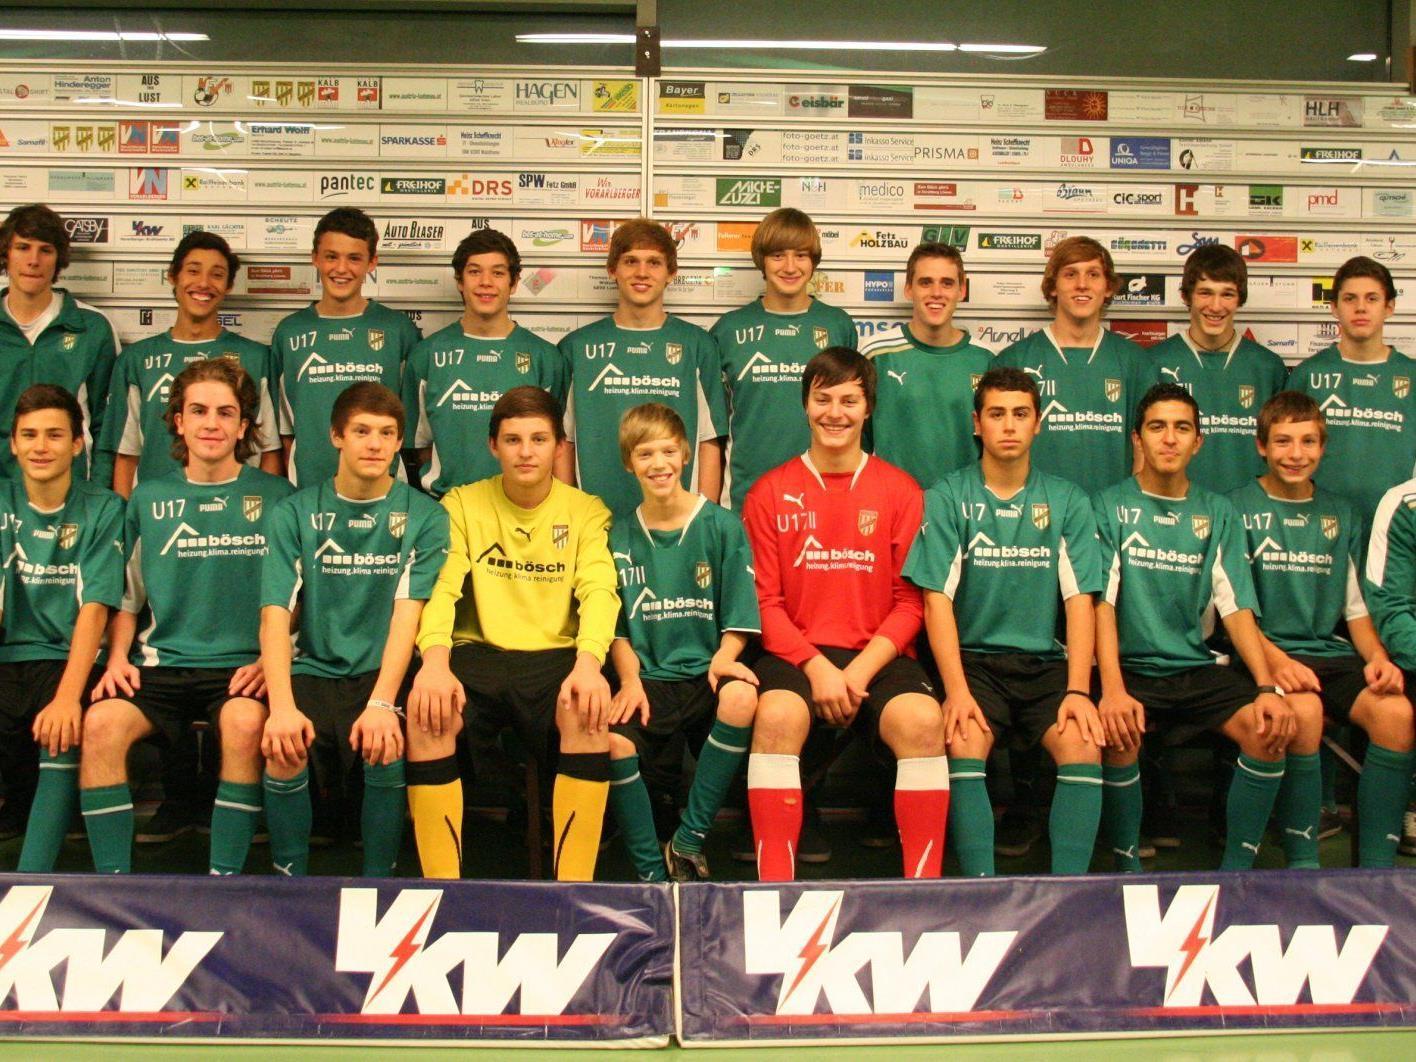 Die U17 des SC Austria Lustenau holte sich souverän den Siegespokal in Koblach.